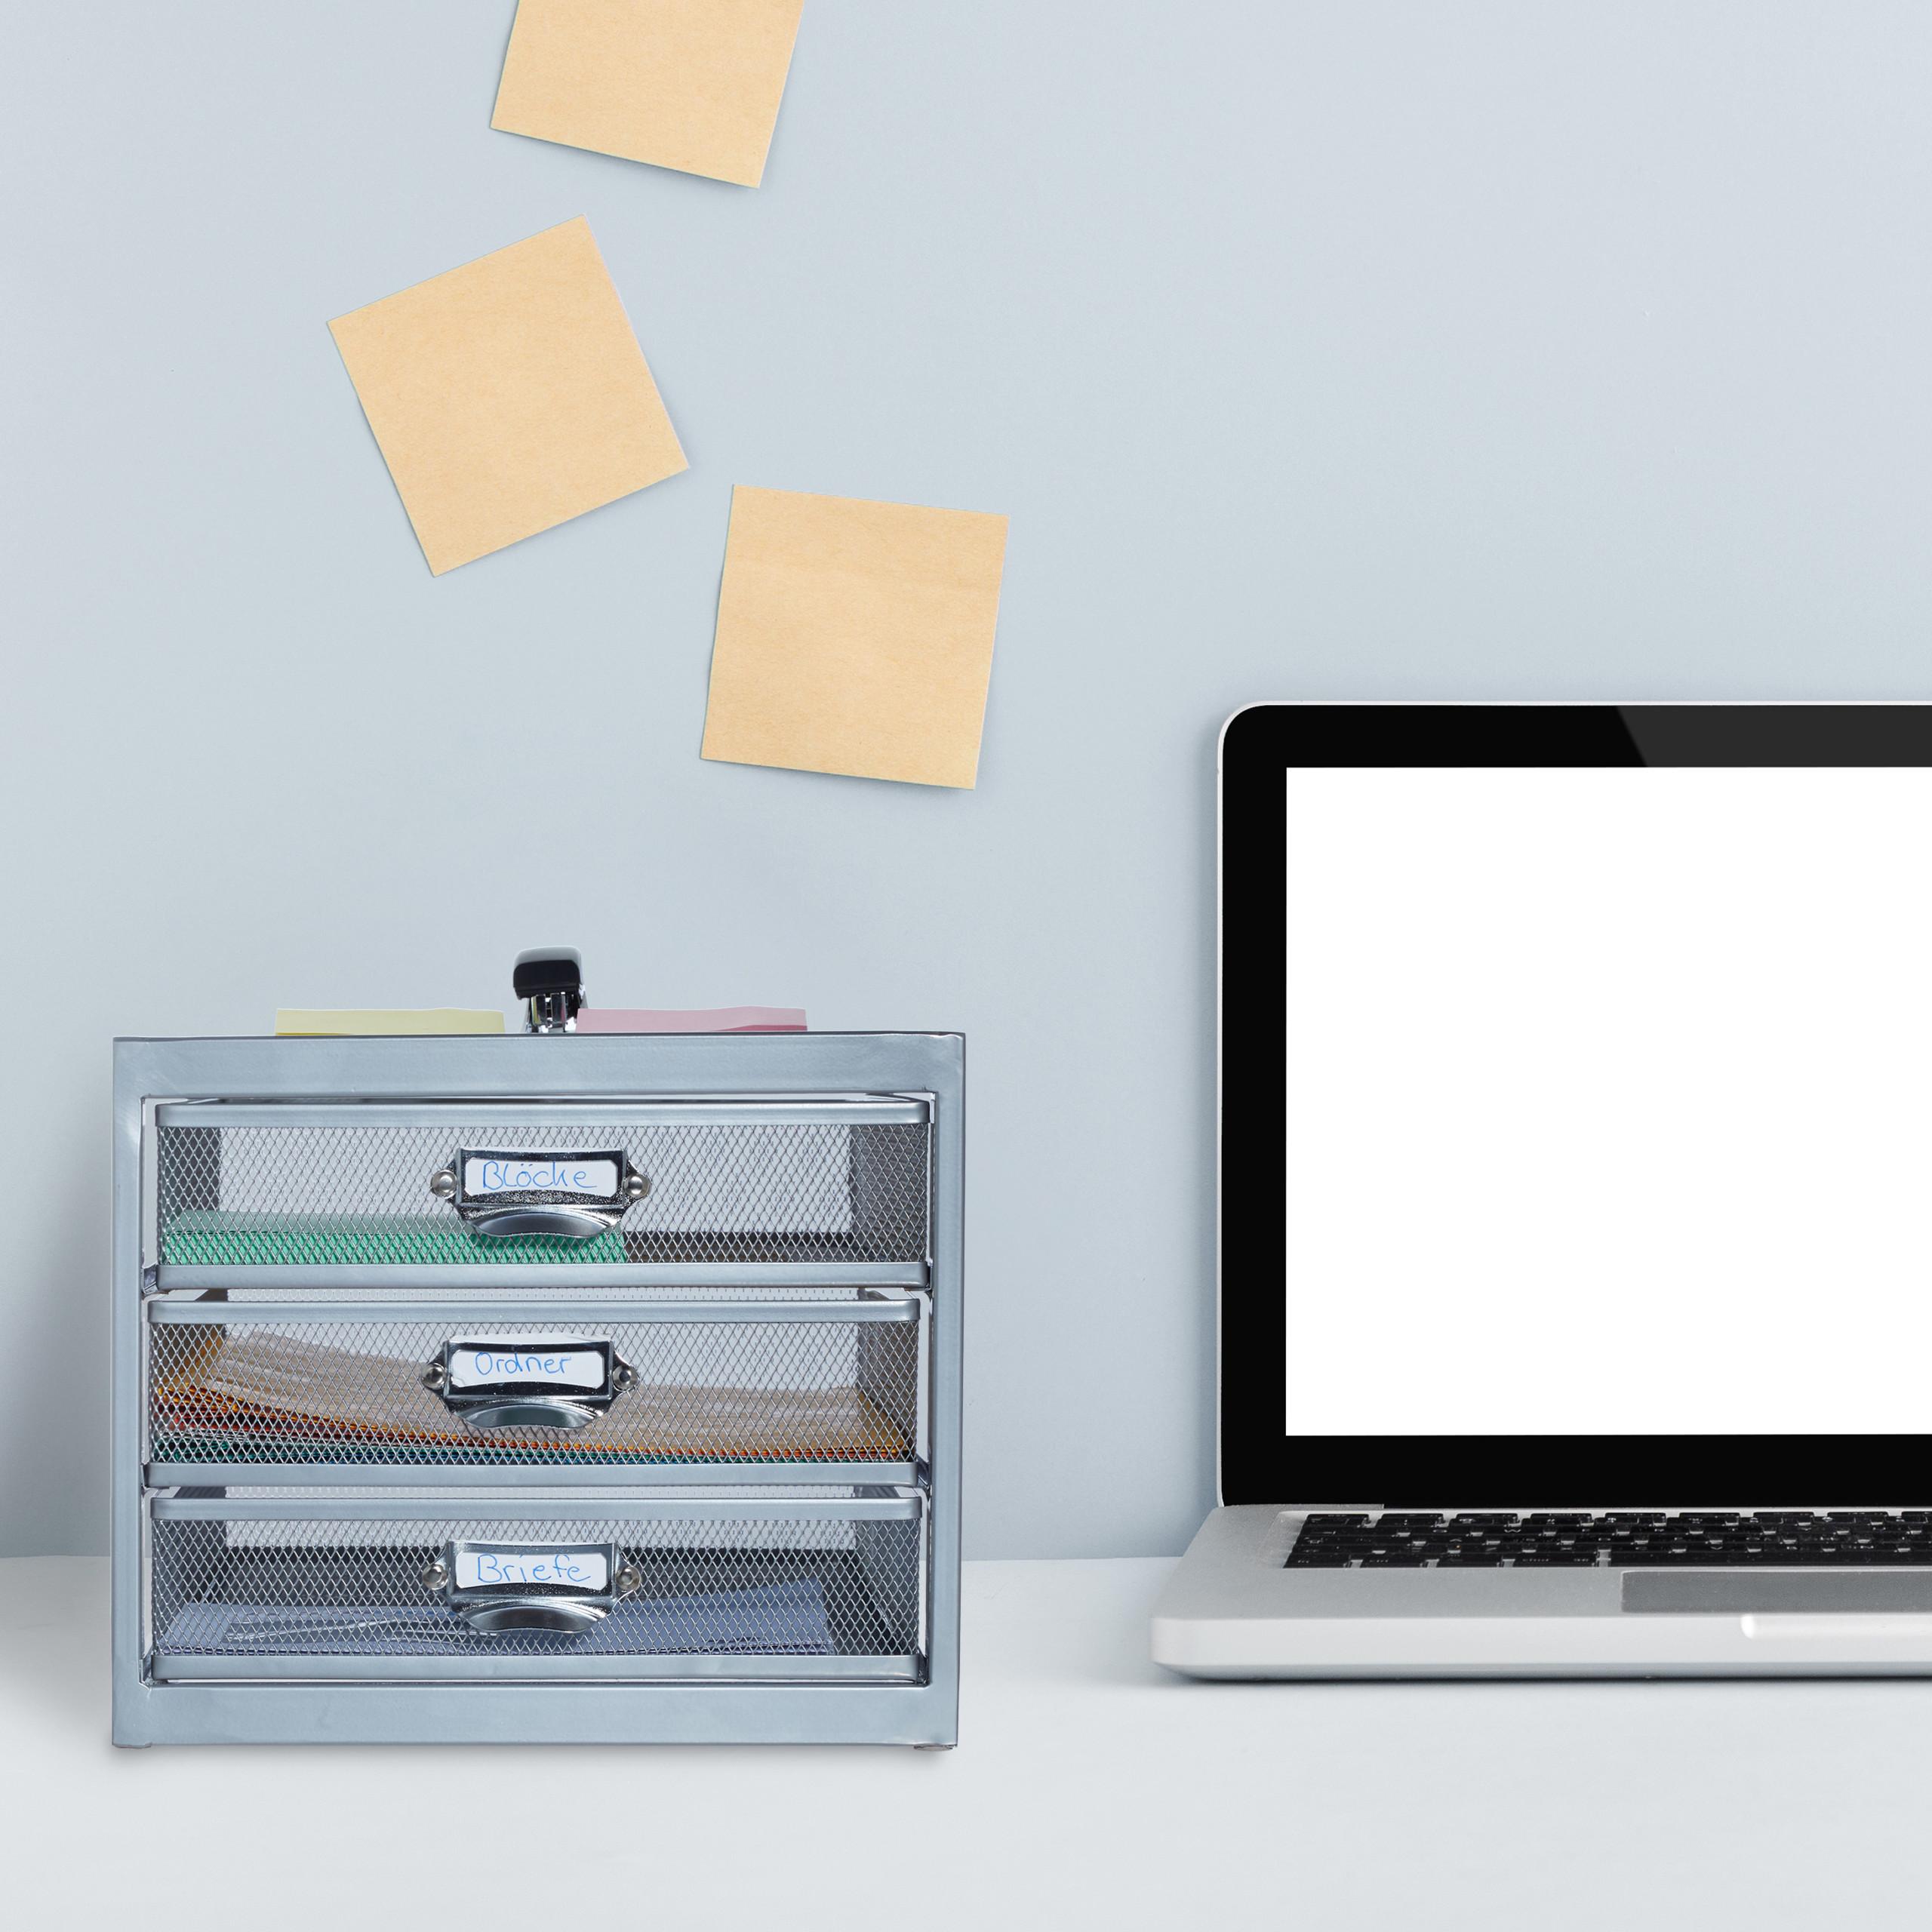 Corbeille-a-courrier-porte-documents-organiseur-porte-revues-3-tiroirs miniature 4